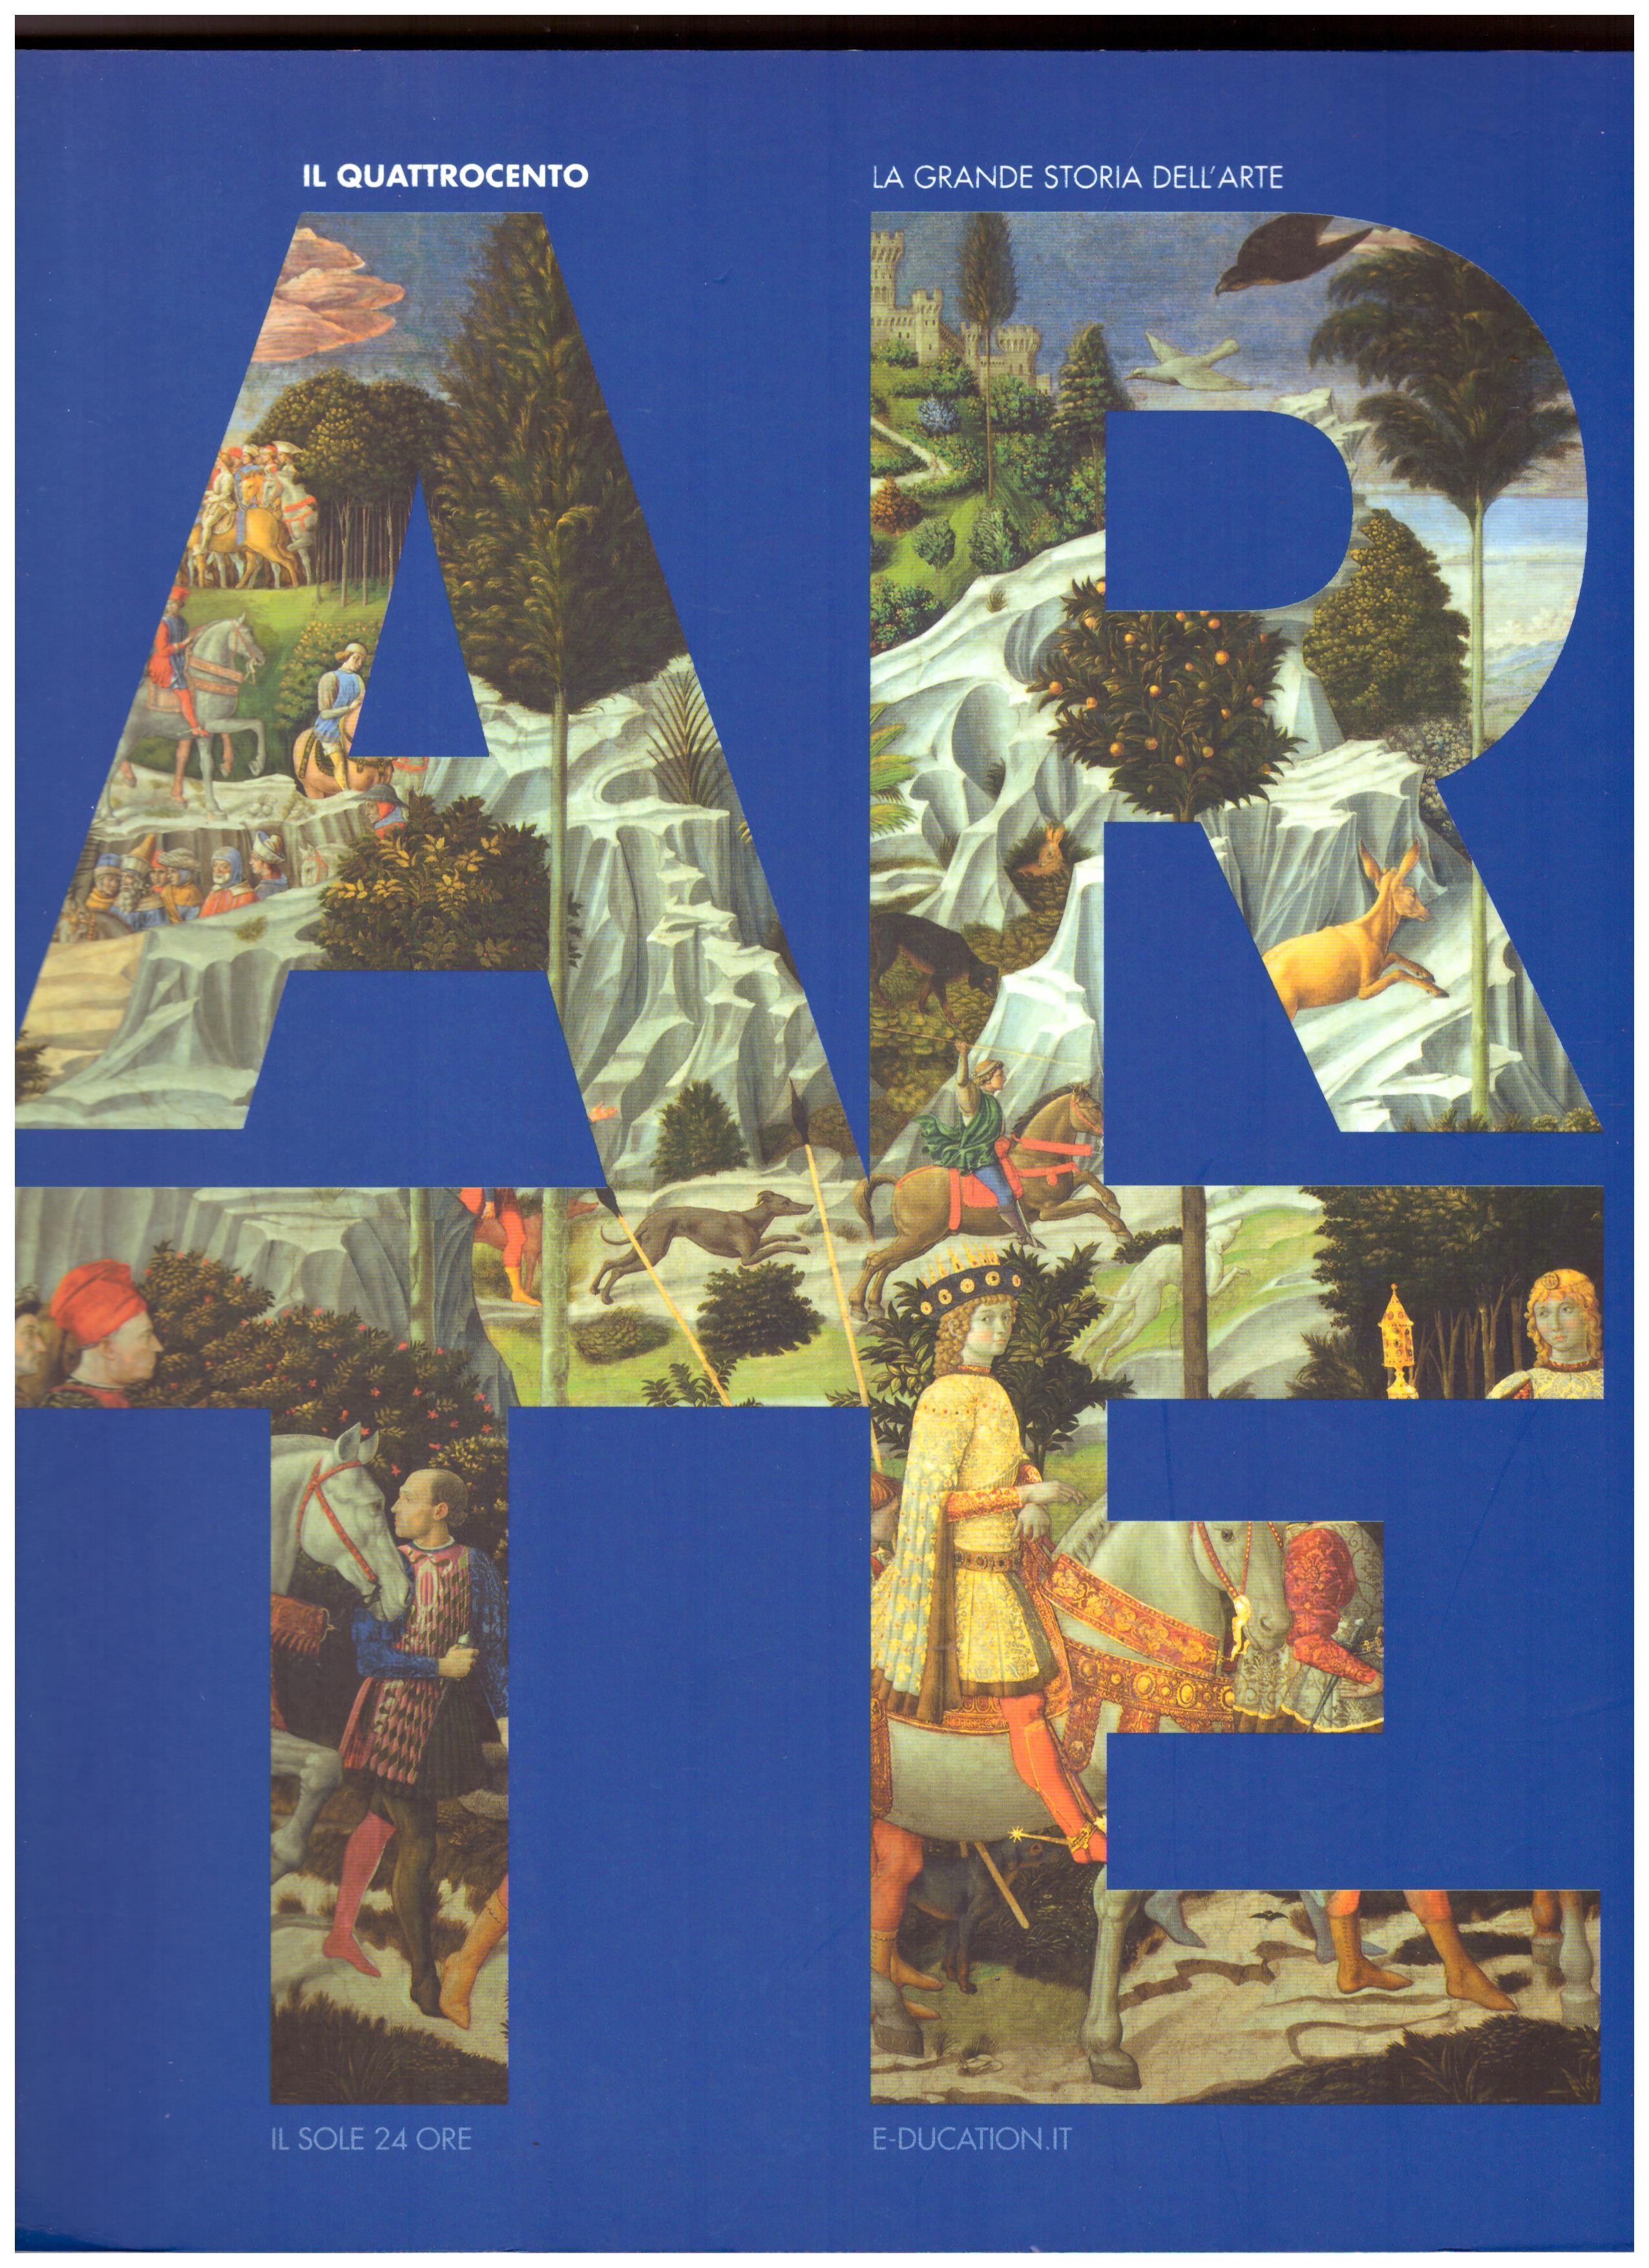 Arte e spettacolo arte il quattrocento collana la for Adorno storia dell arte